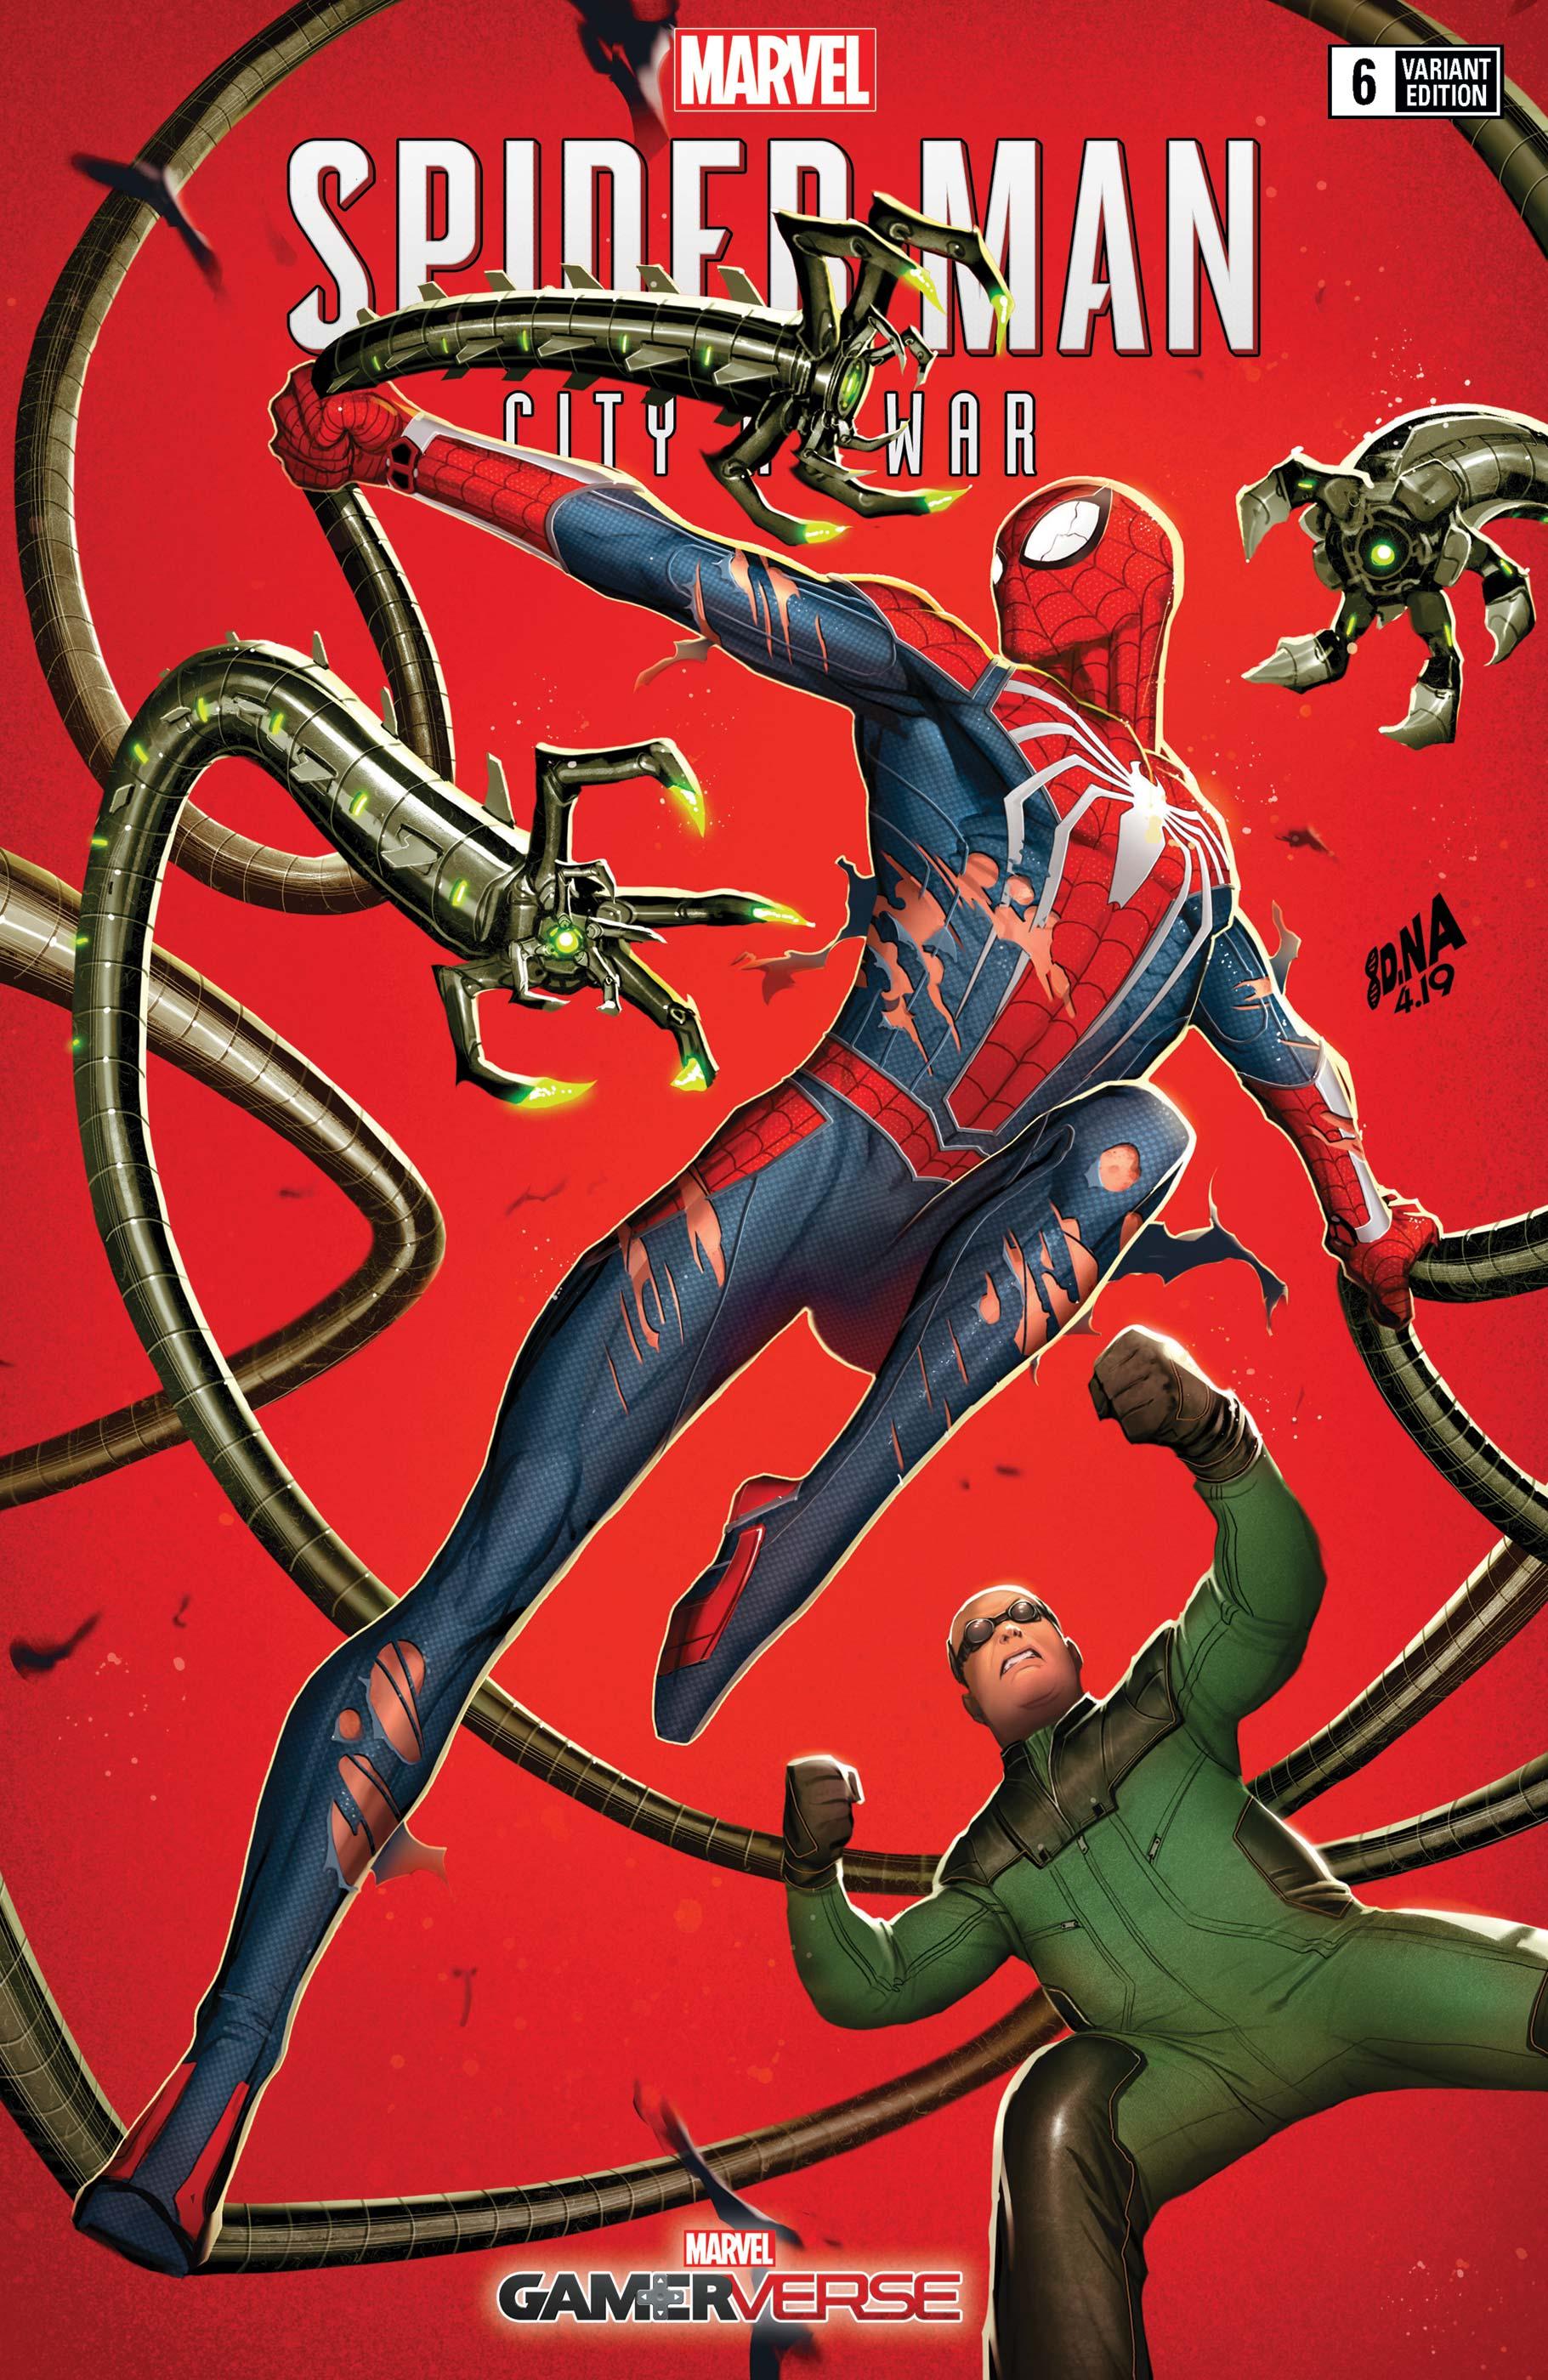 Marvel's Spider-Man: City at War (2019) #6 (Variant)